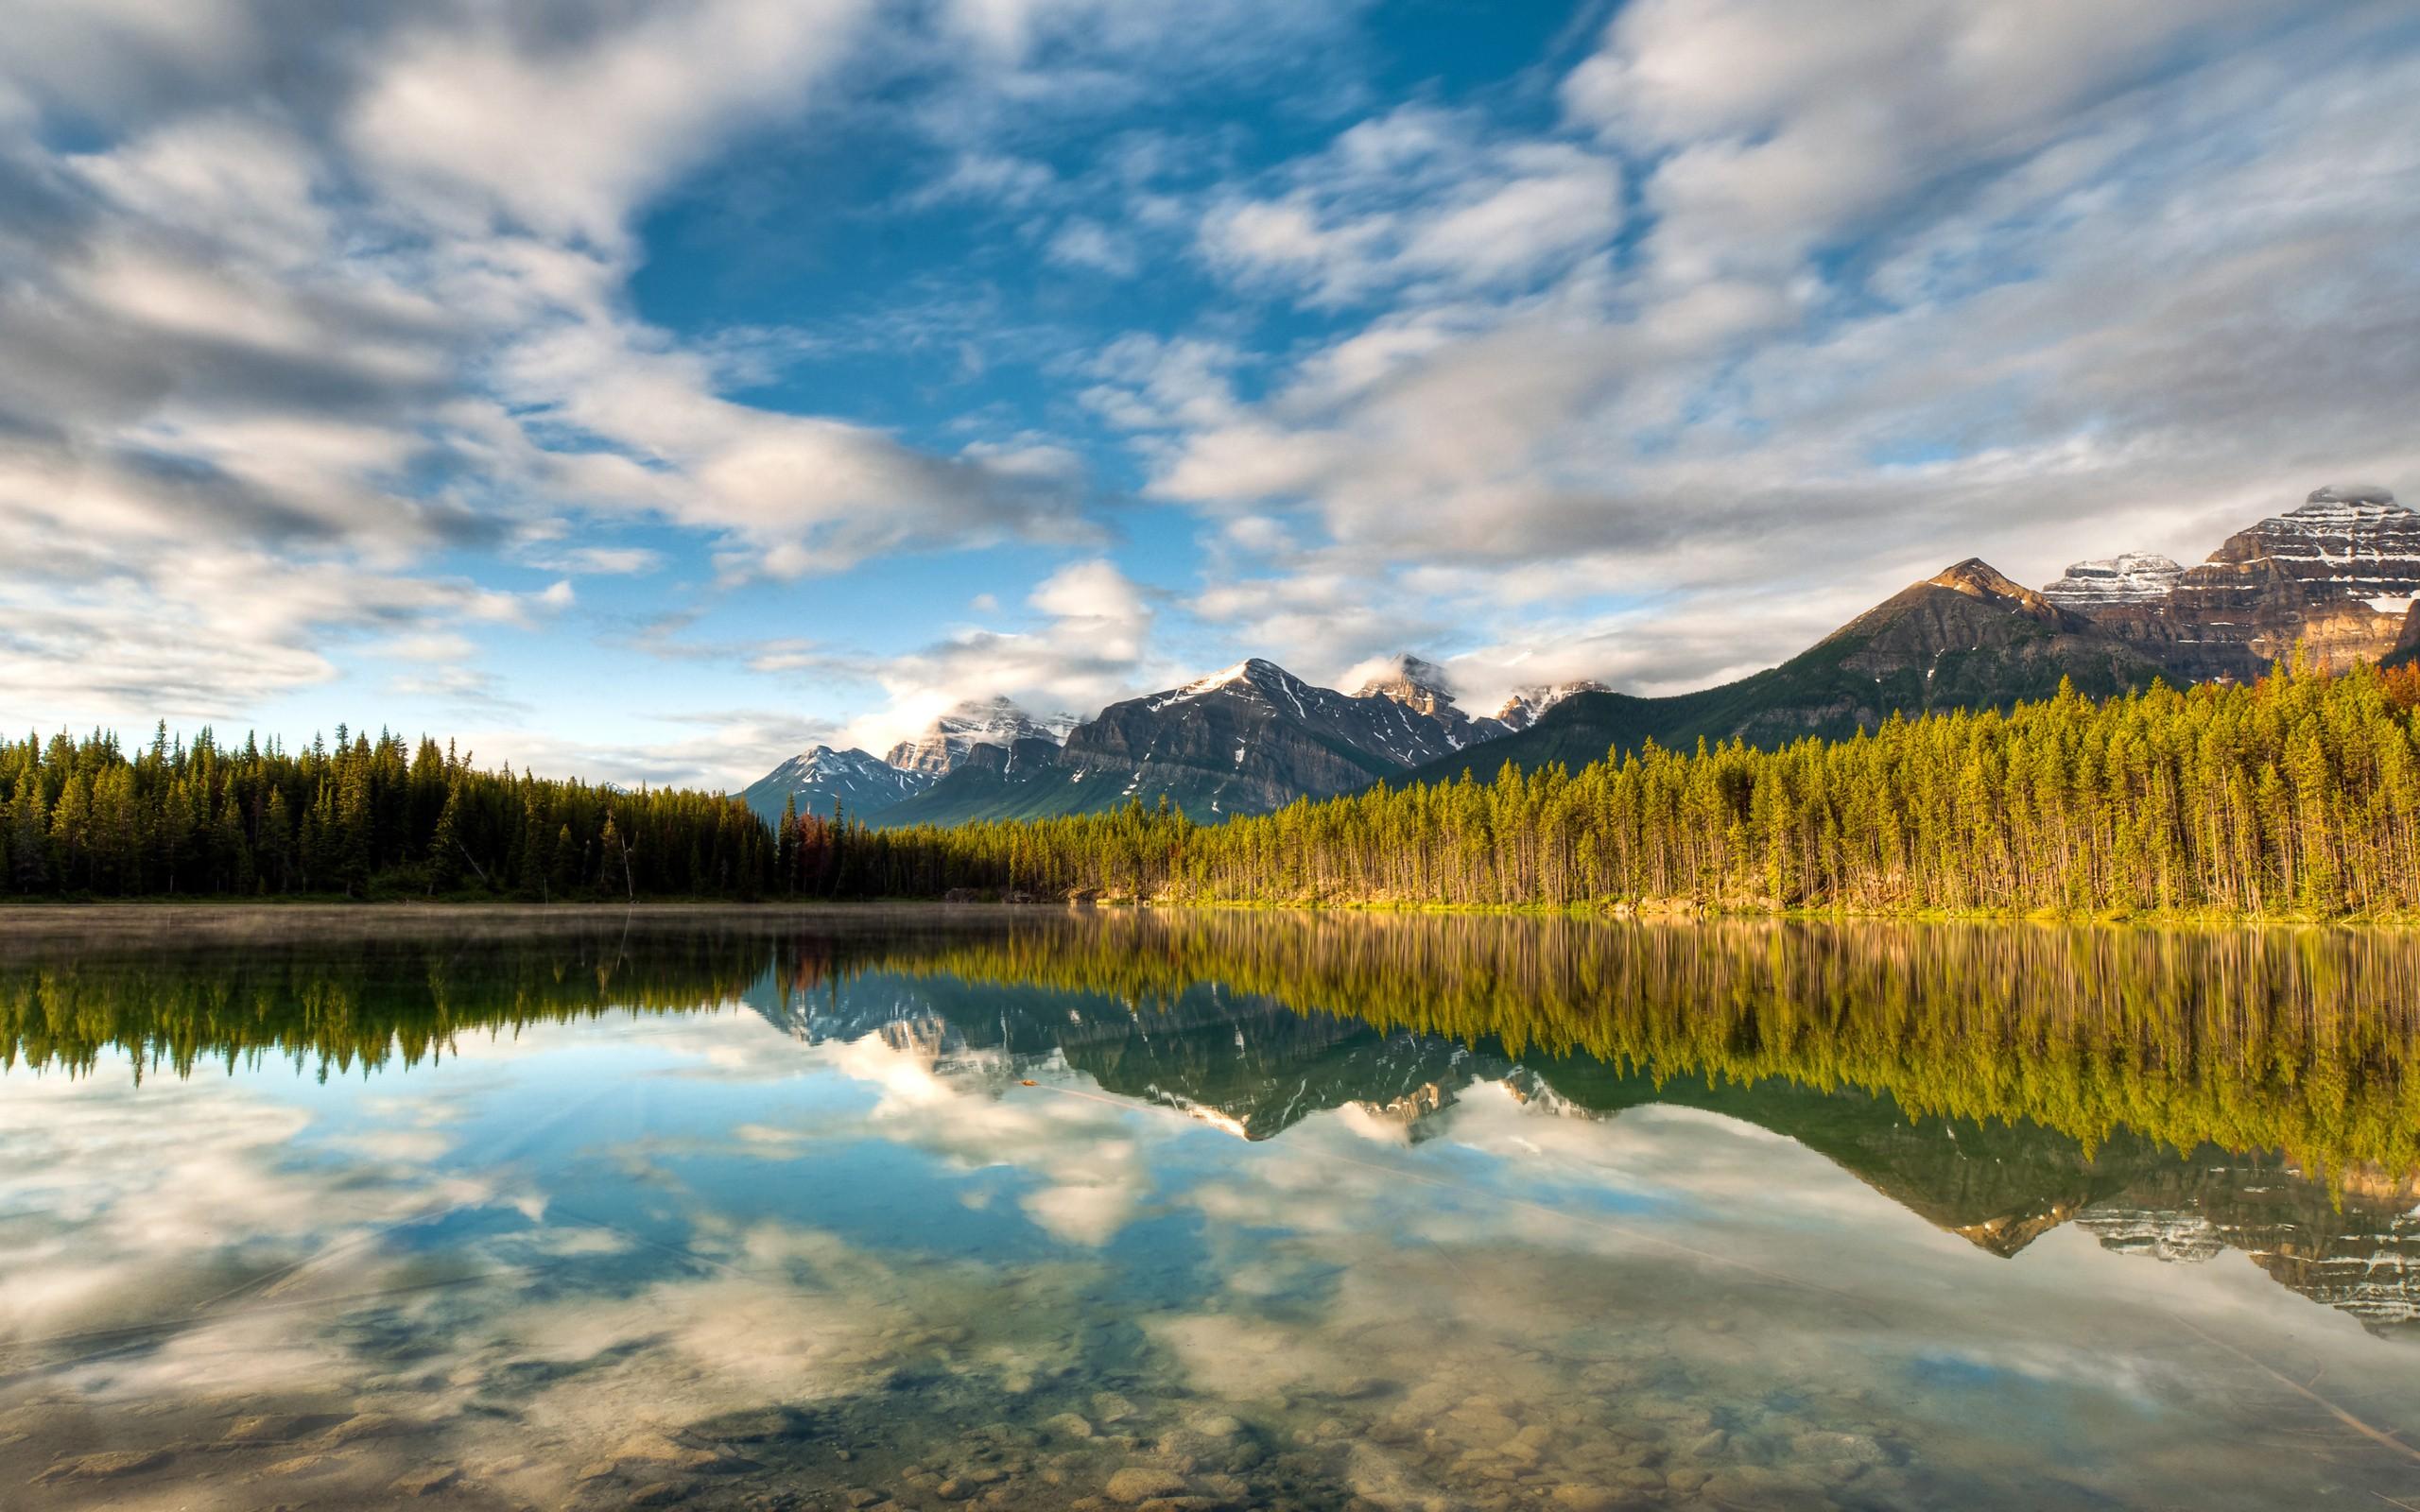 Лесное озеро обои для рабочего стола 7